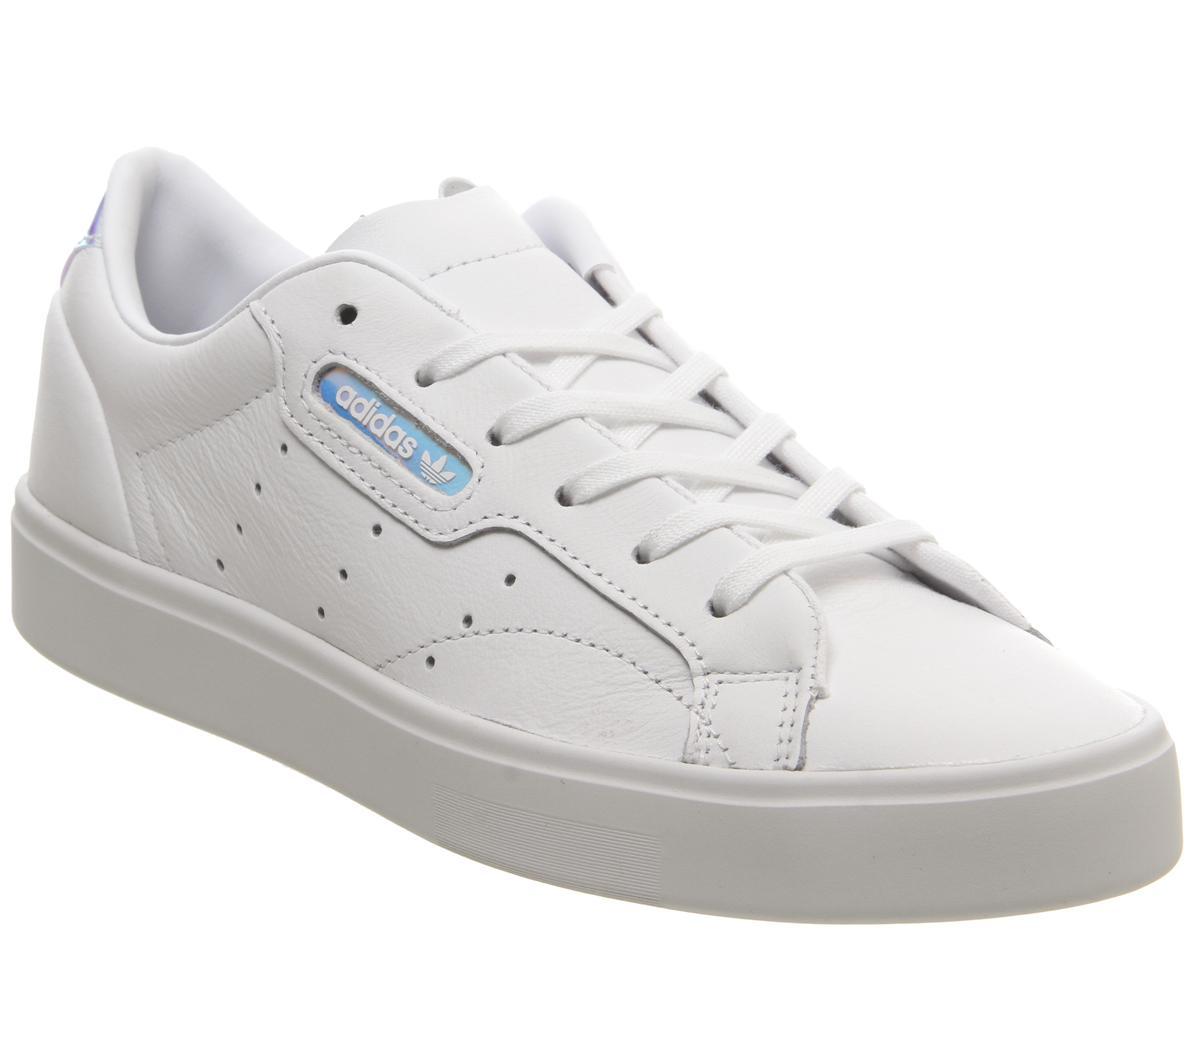 adidas Sleek Trainers White Iridescent